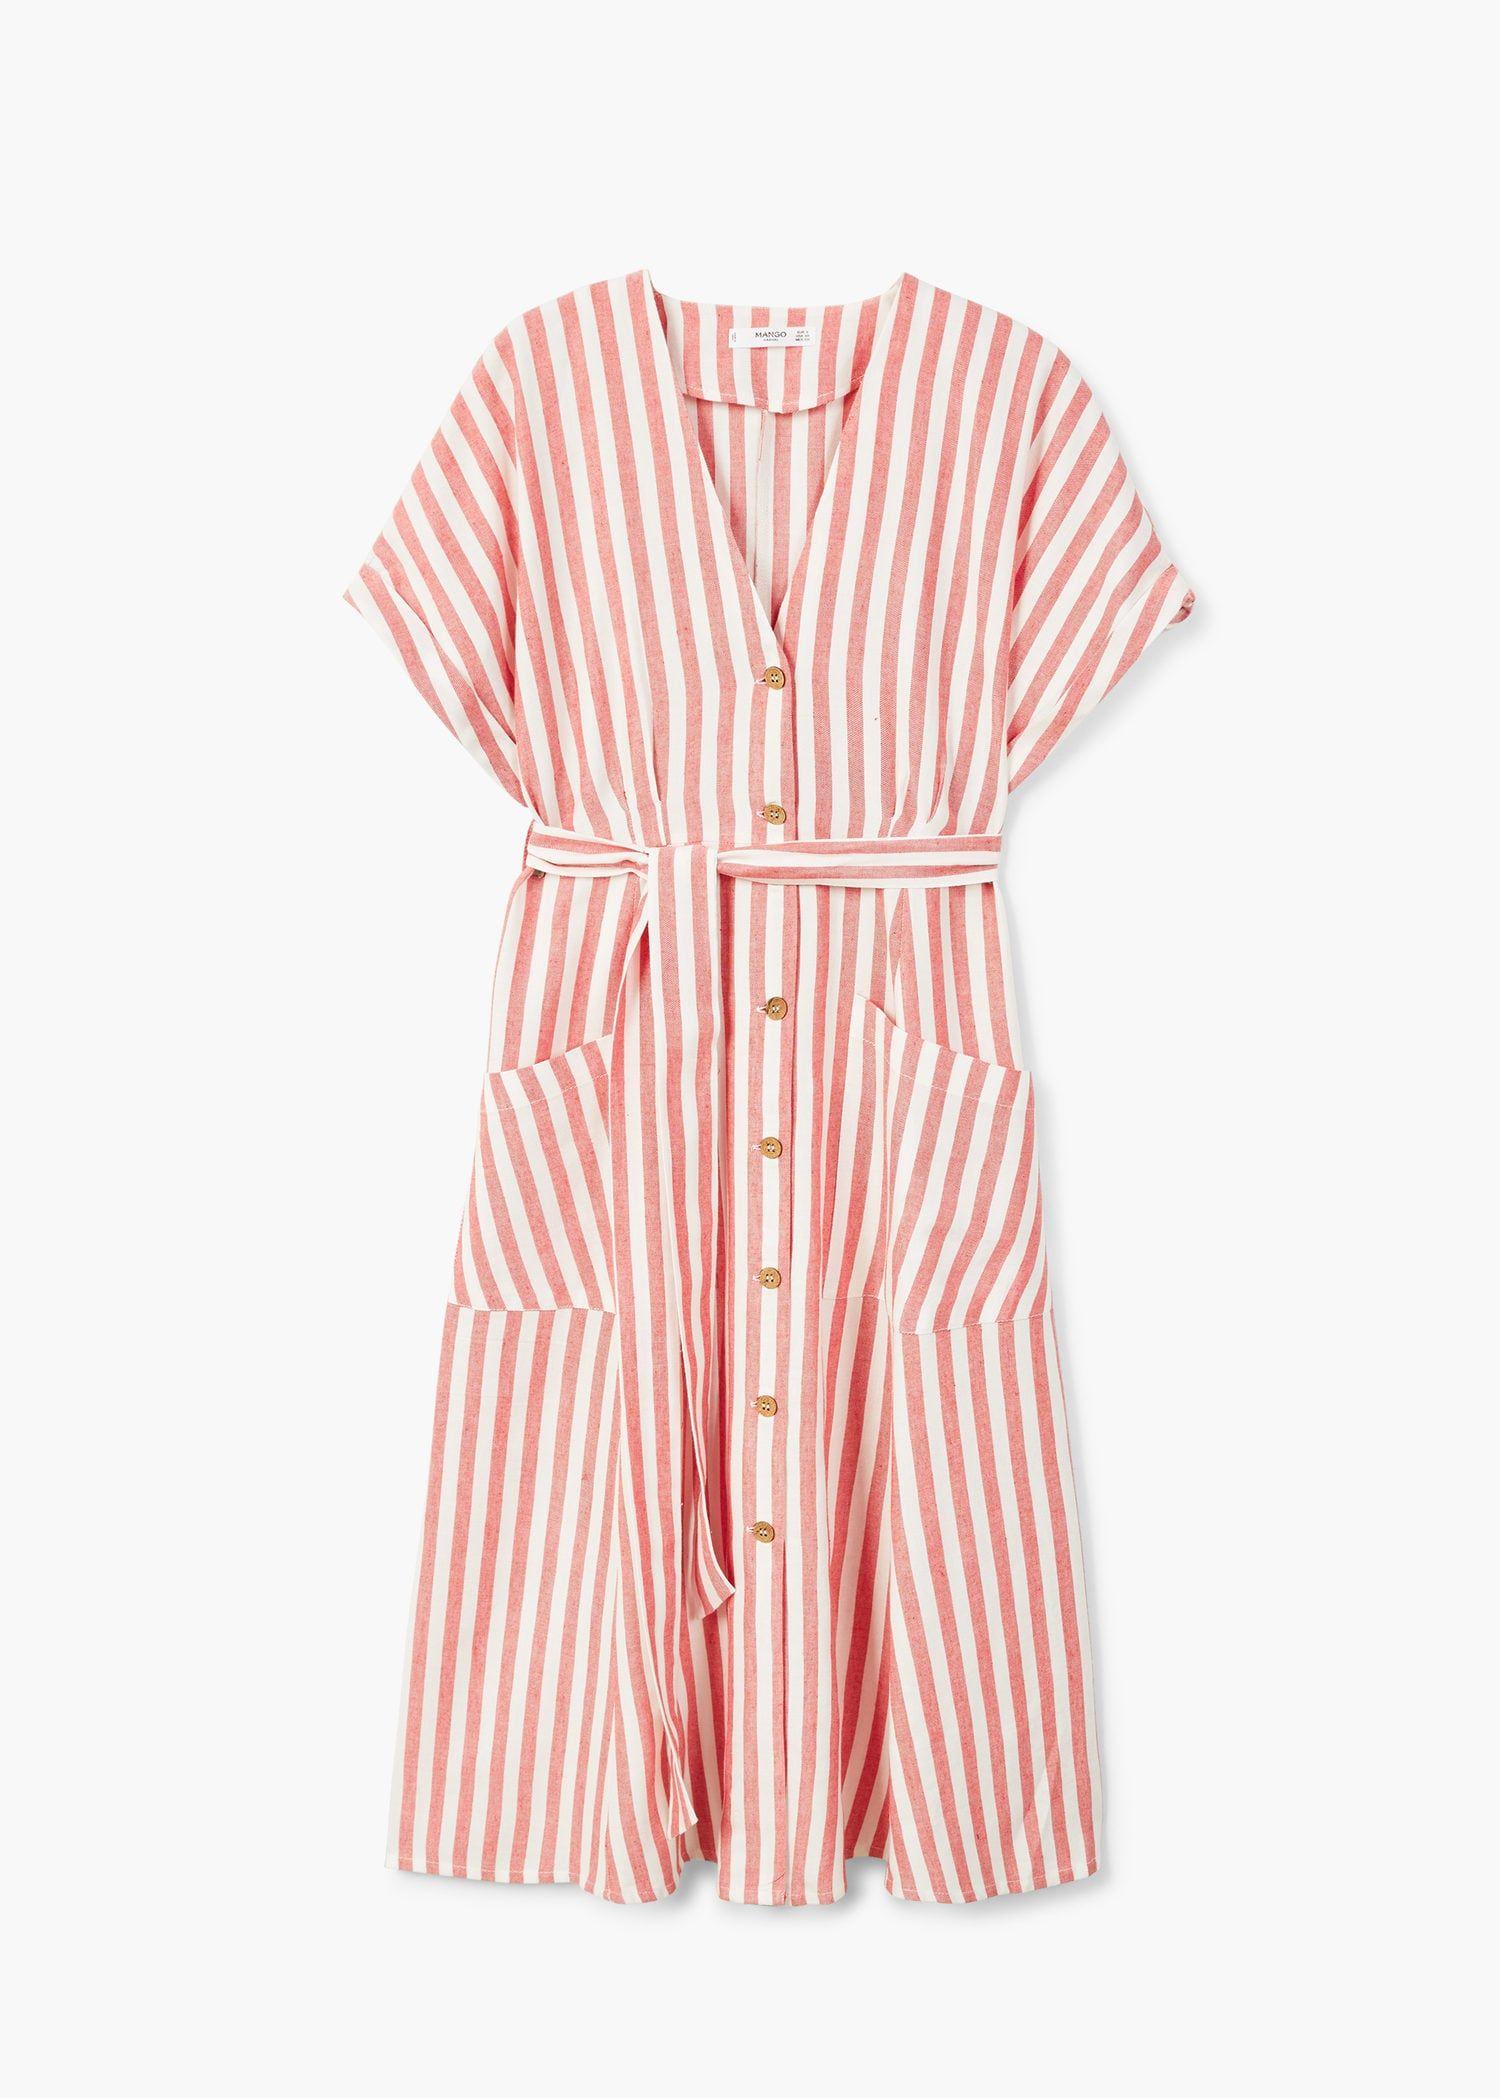 5c59a4385c6 Striped cotton dress - Women